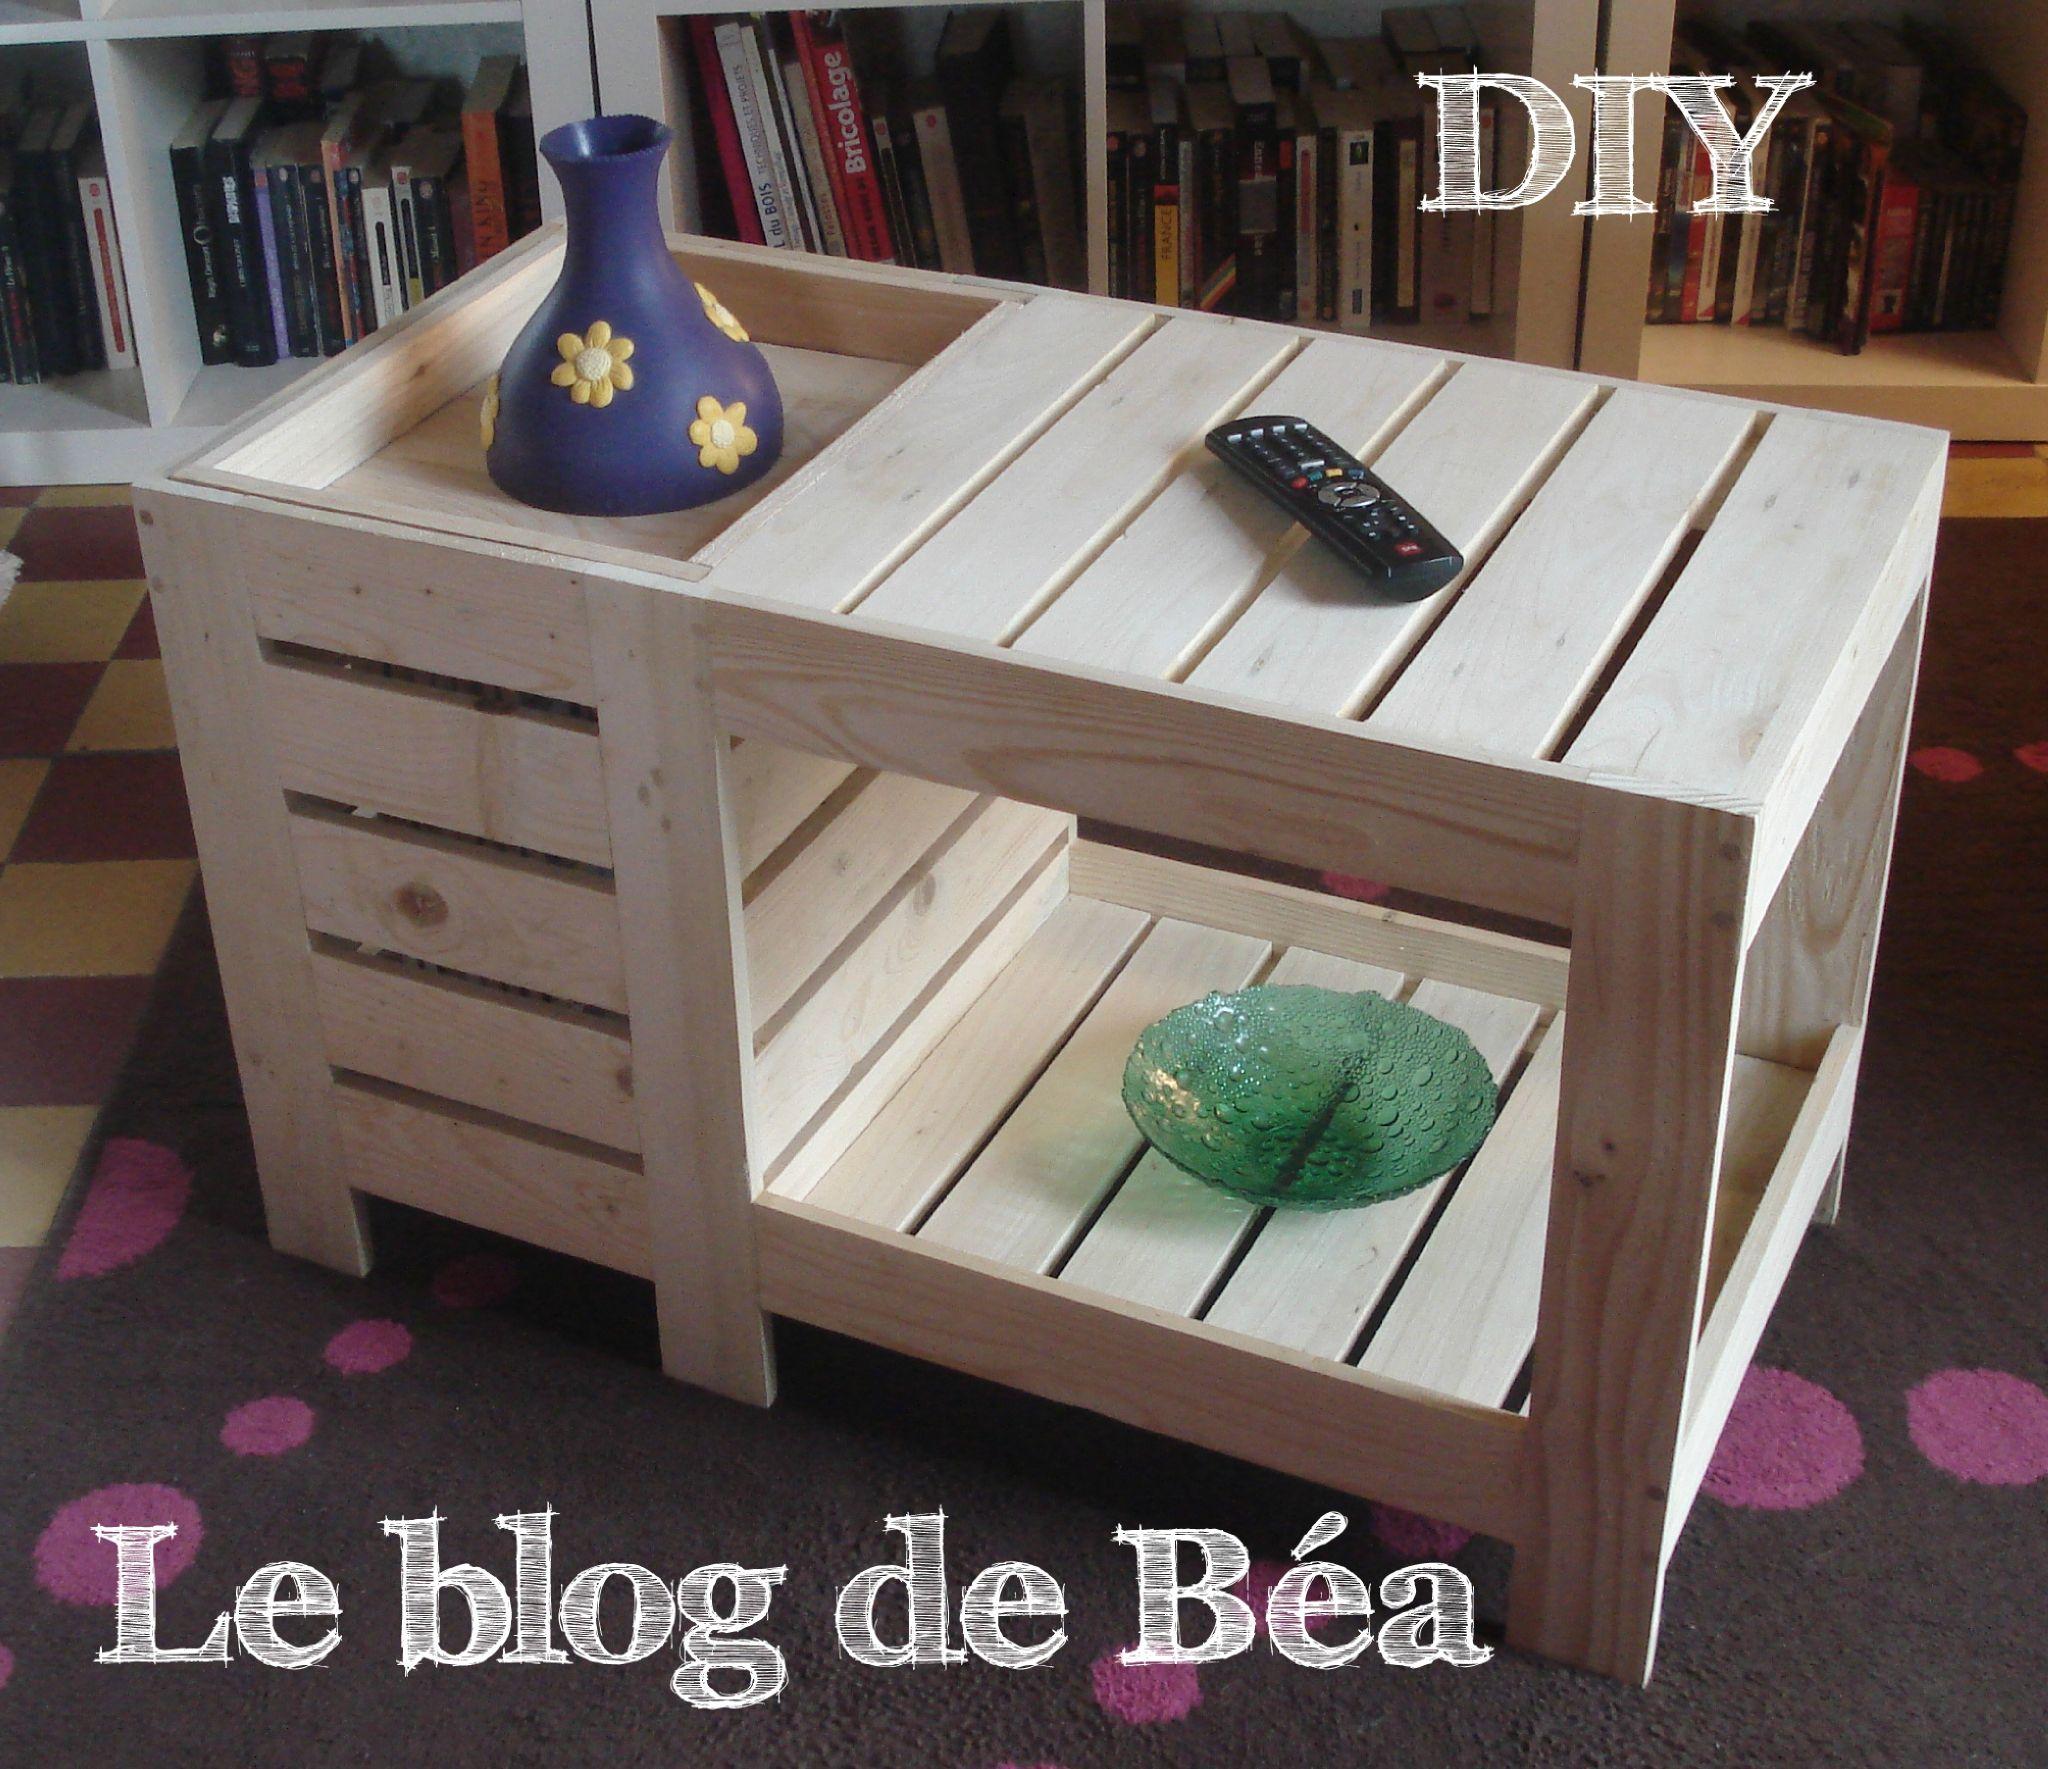 Diy Table Basse En Bois De Palette Avec Coffre De Rangement Le Blog De Bea Table Basse En Bois De Palette Palette Bois Deco Rangement